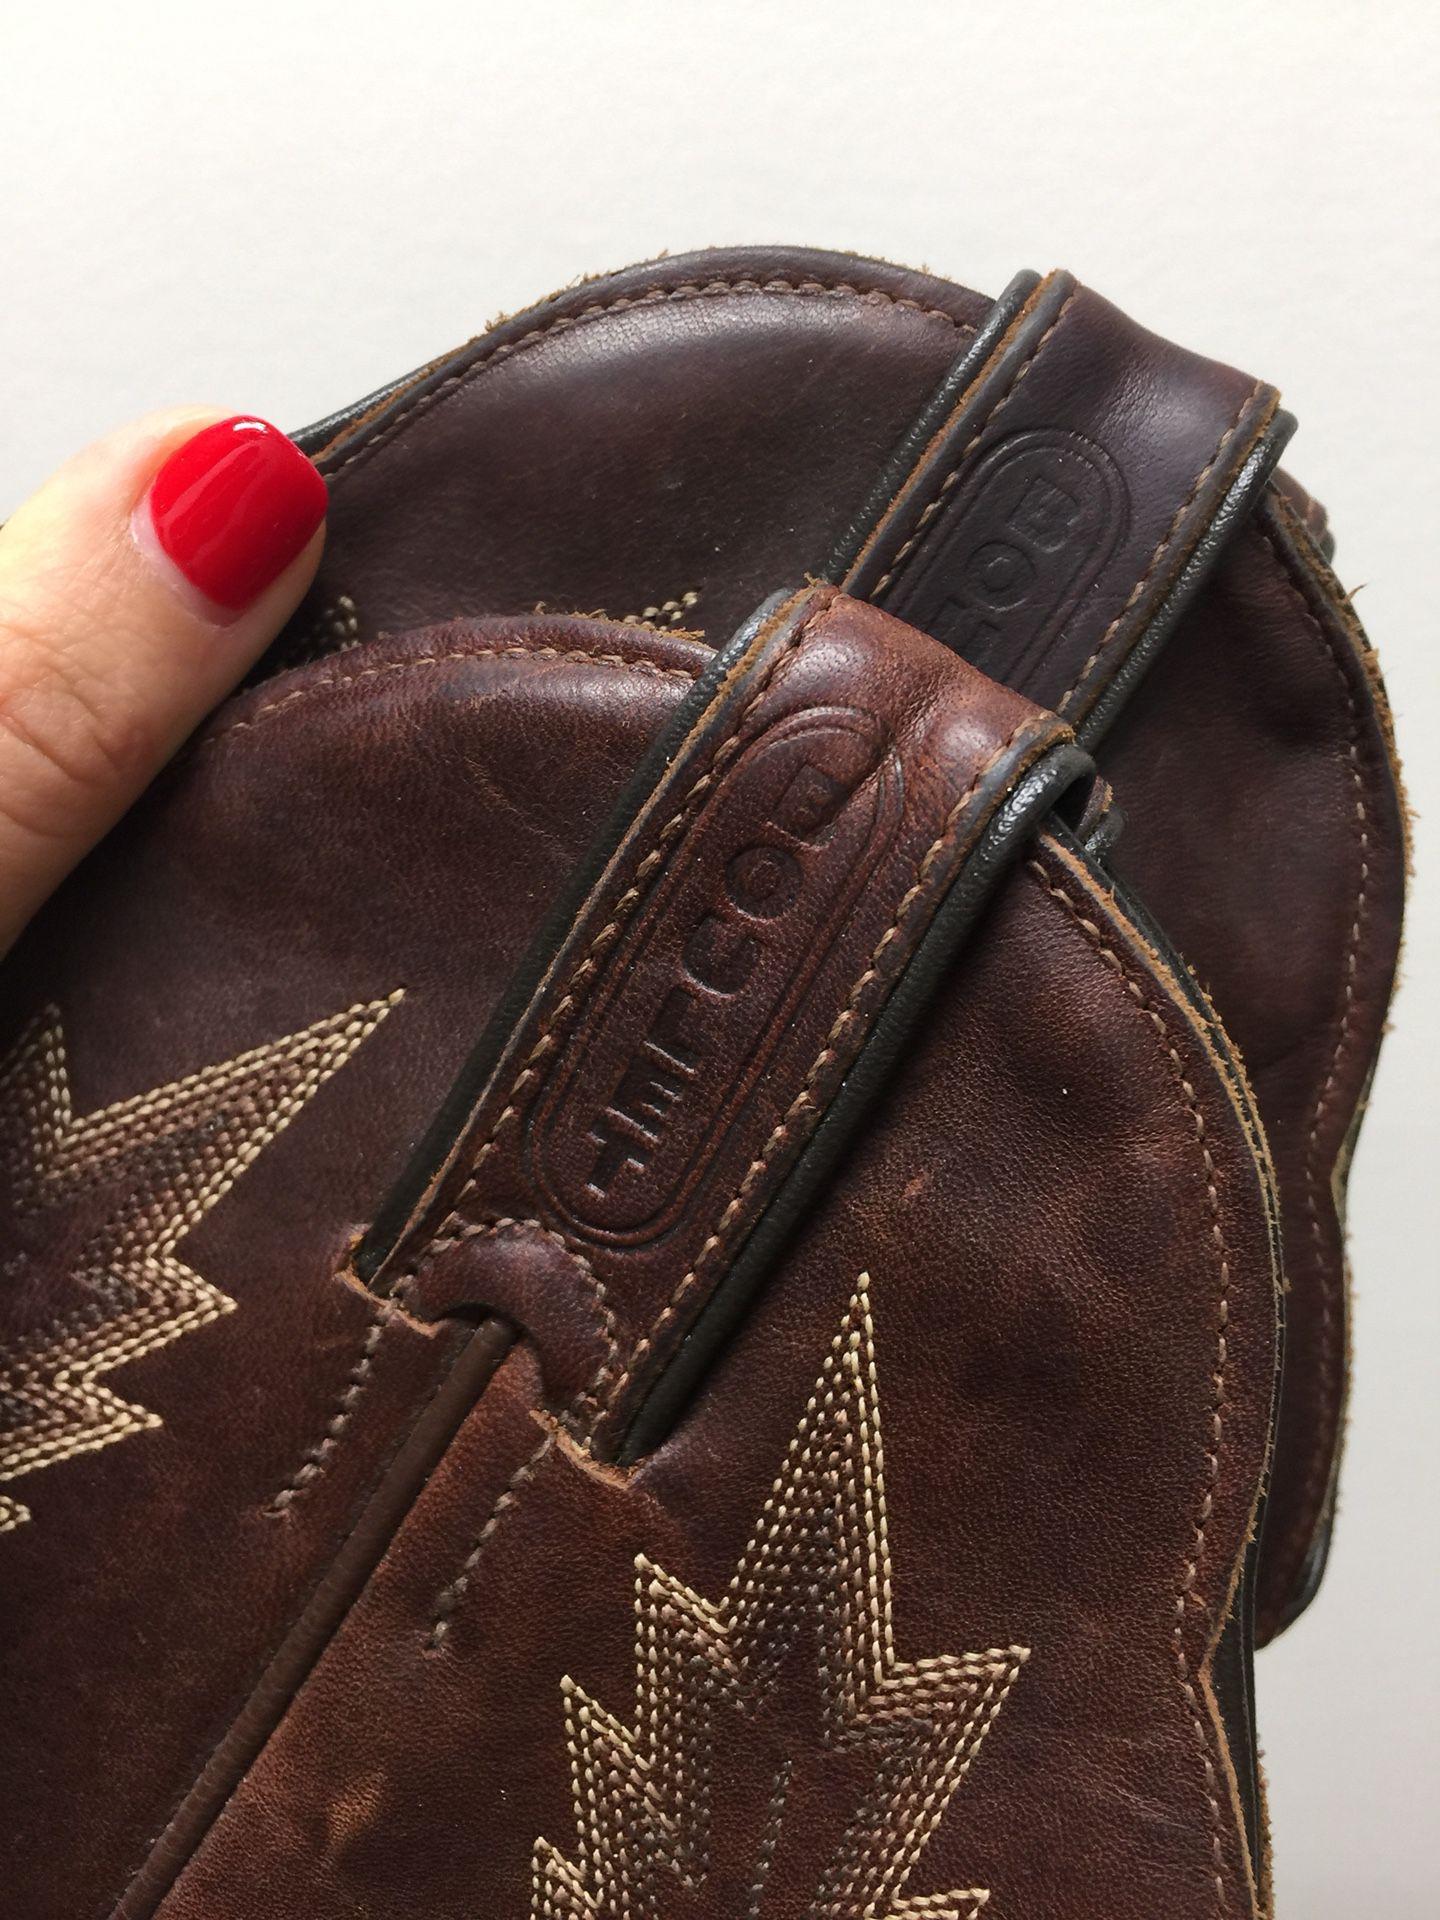 Boulet Cowboy Boots 7.5